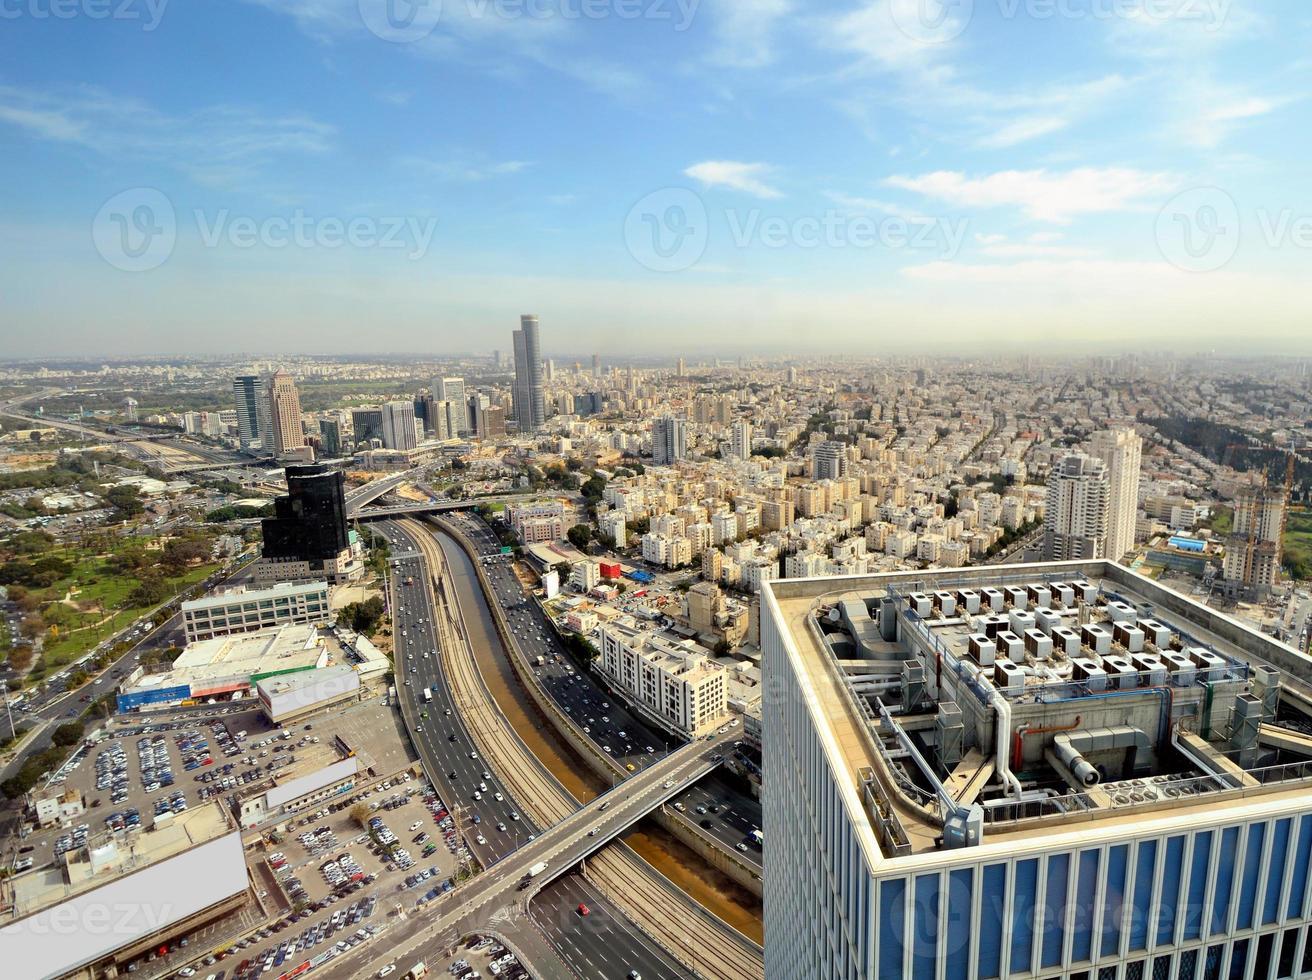 tel aviv skyline photo